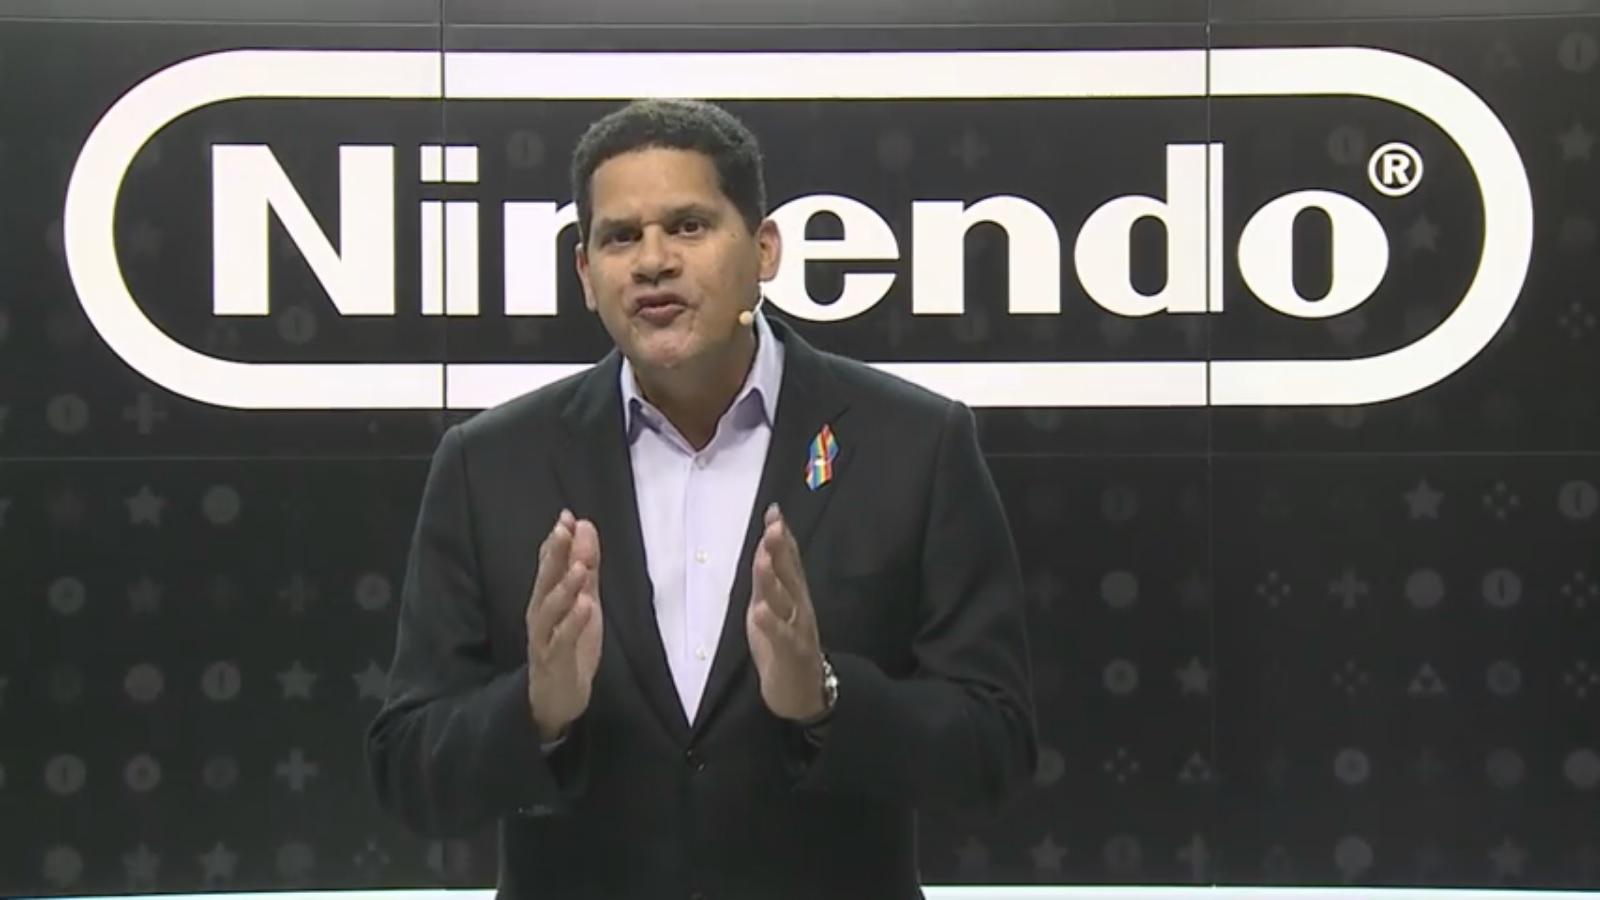 Ο Reggie μιλά για τα ζόρια του Wii U και τη Nintendo